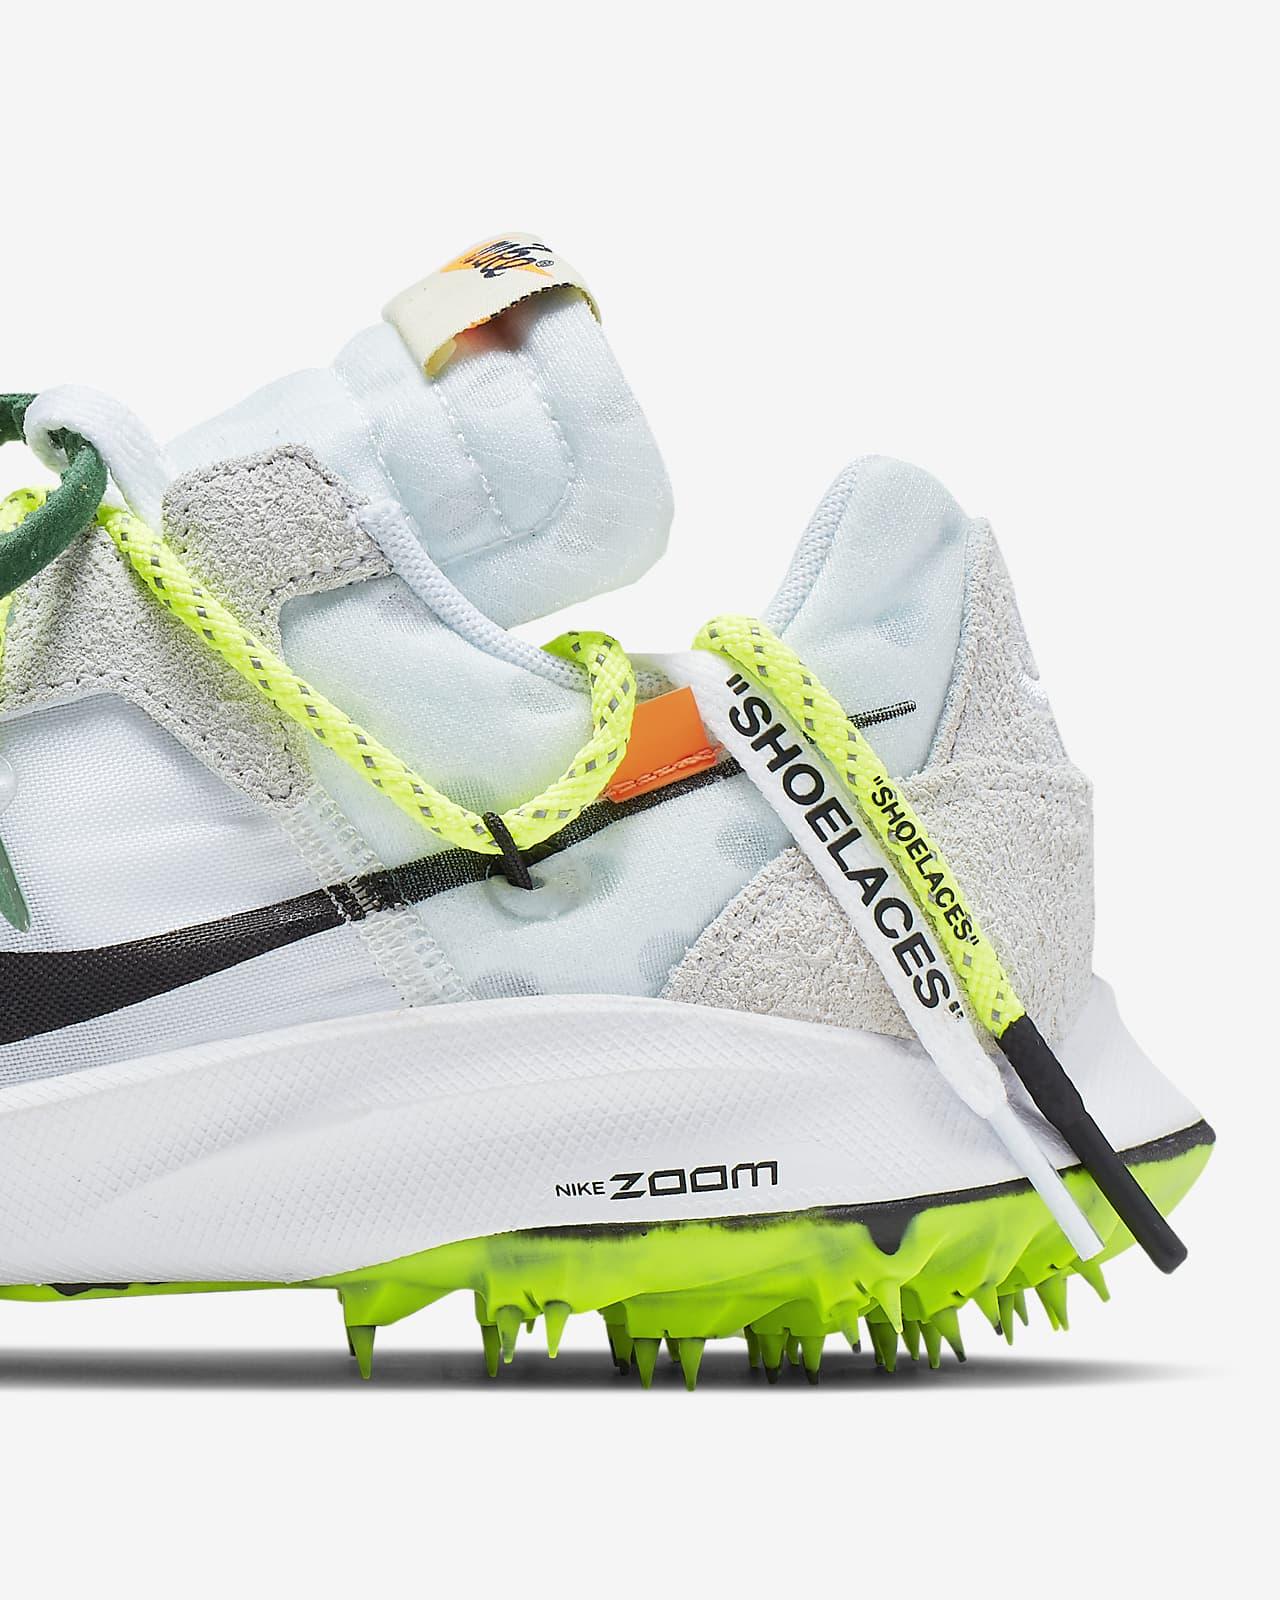 Precio al por mayor 2019 estilo popular moda atractiva Nike x Off-White™ Zoom Terra Kiger 5 Women's Shoe. Nike JP